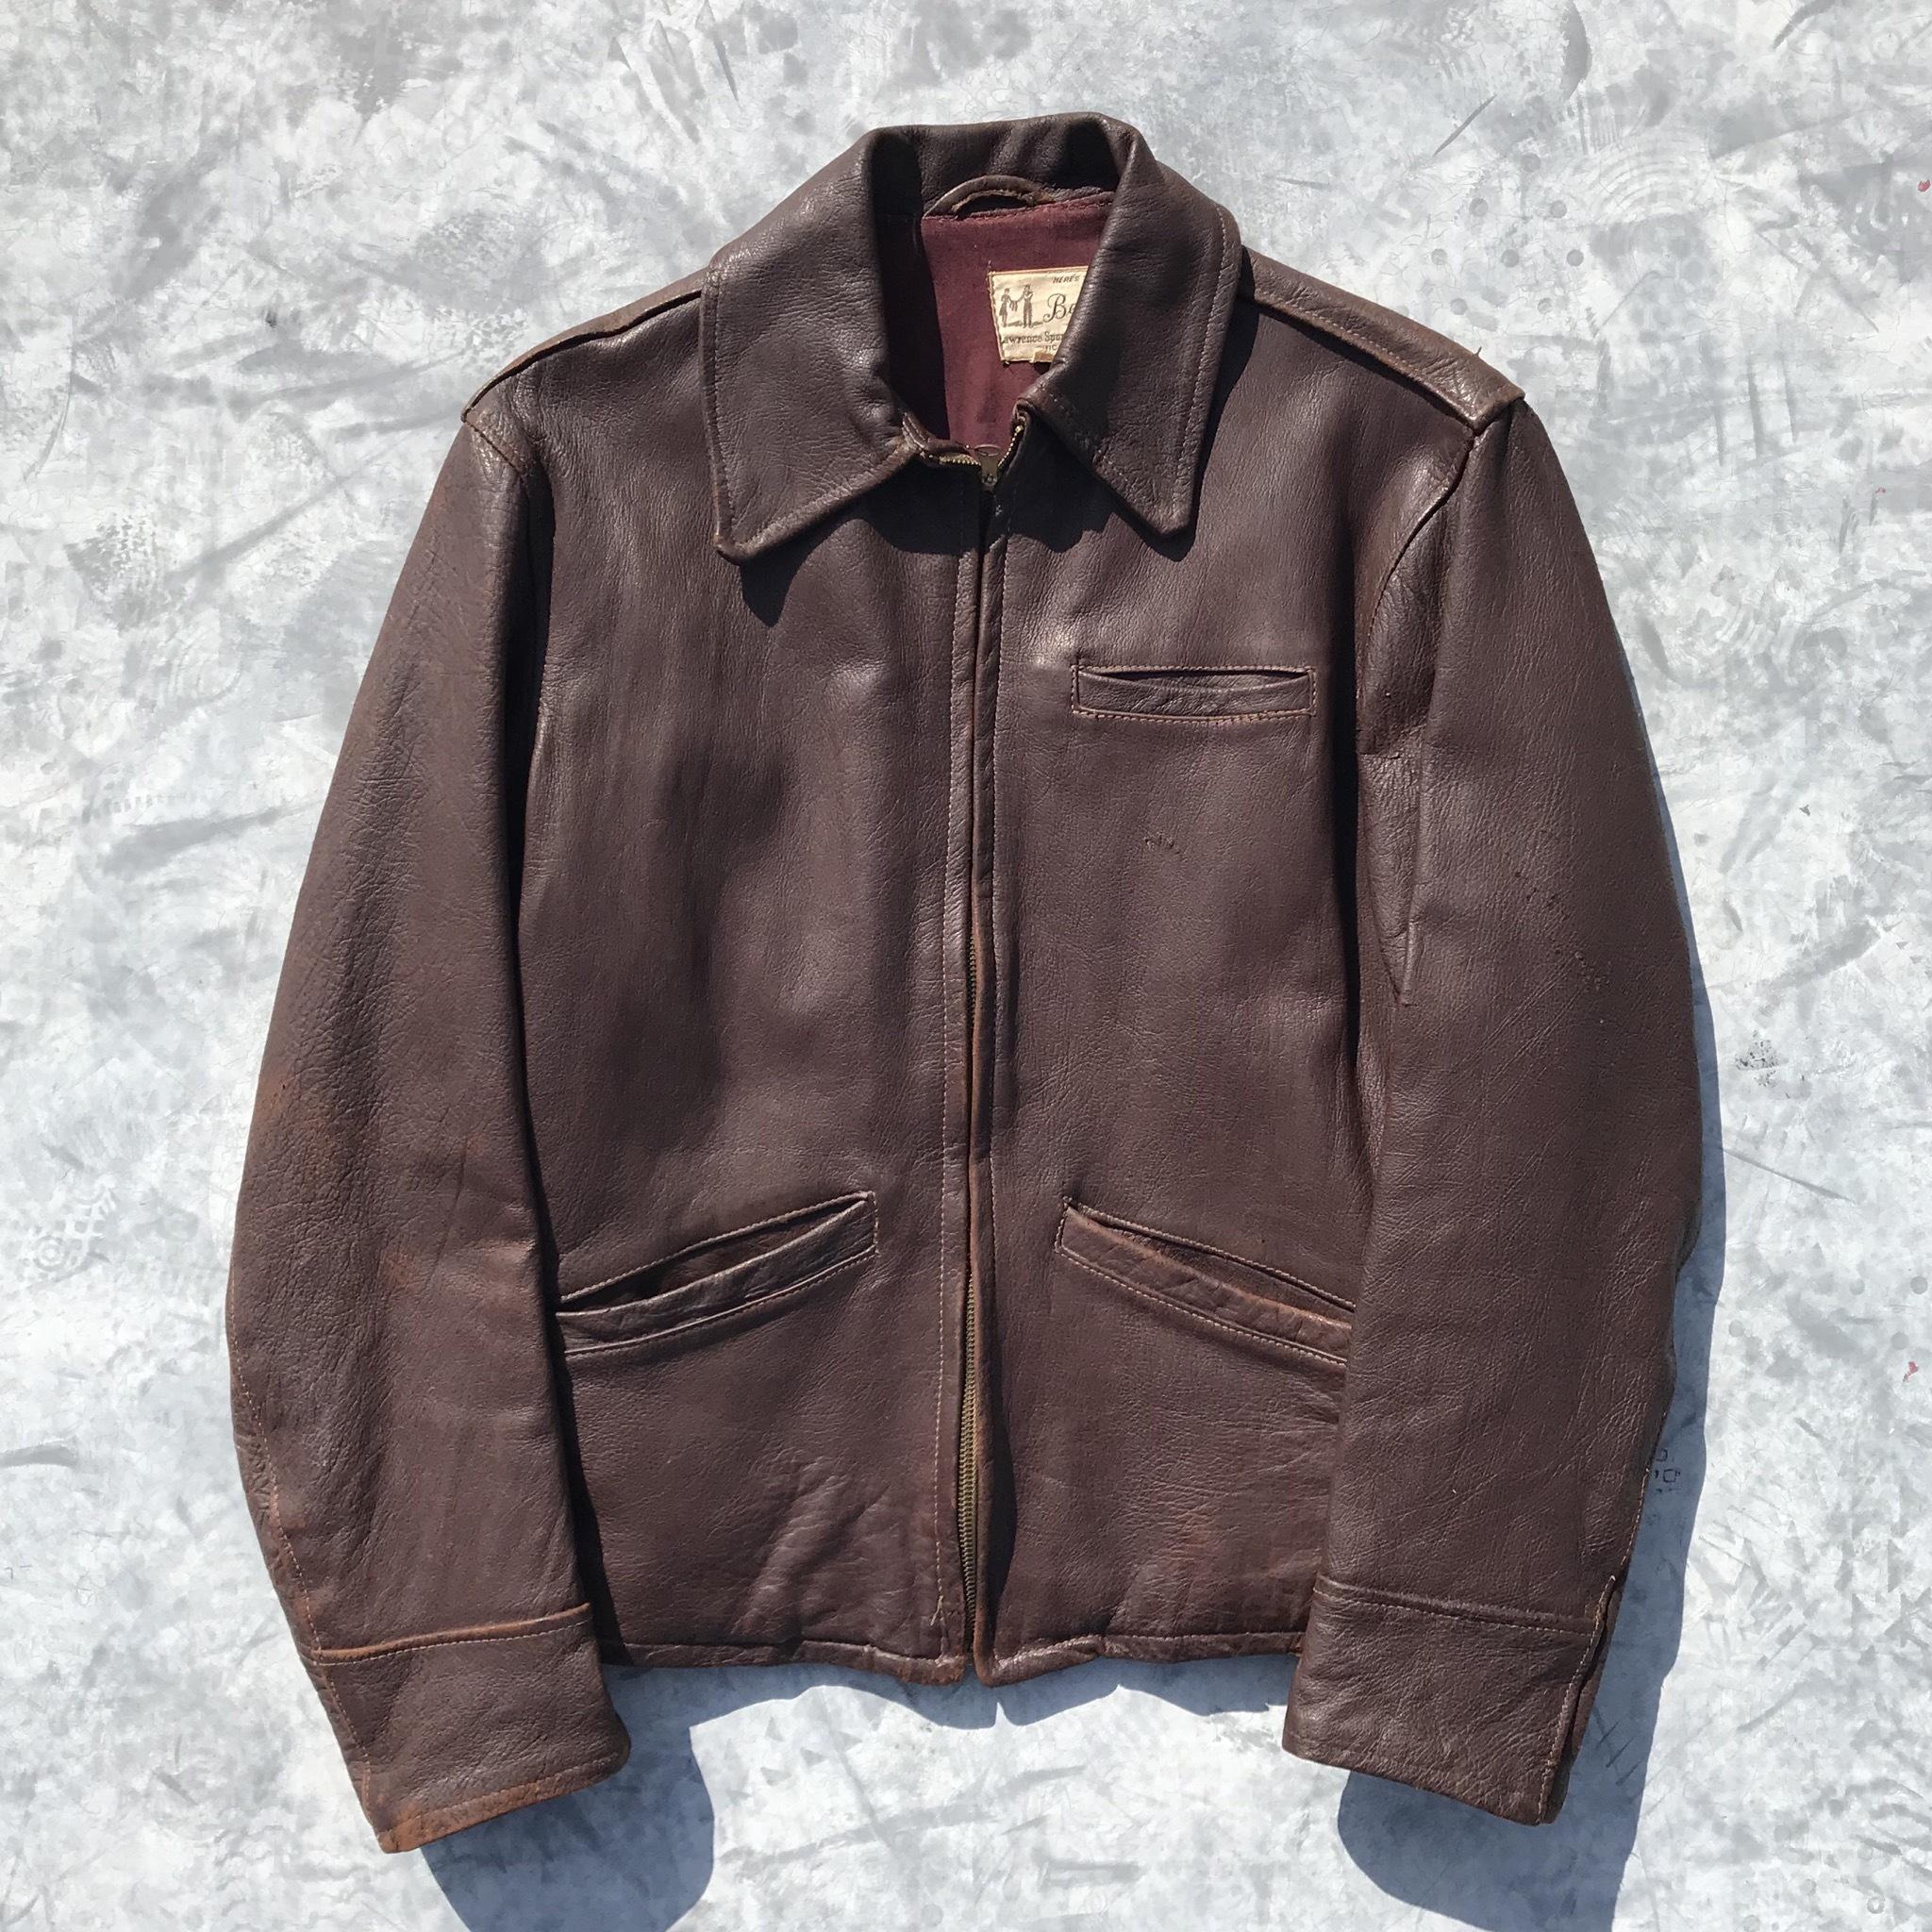 40's Bennie レザースポーツジャケット ヴィンテージ CONMER ピンロック コの字